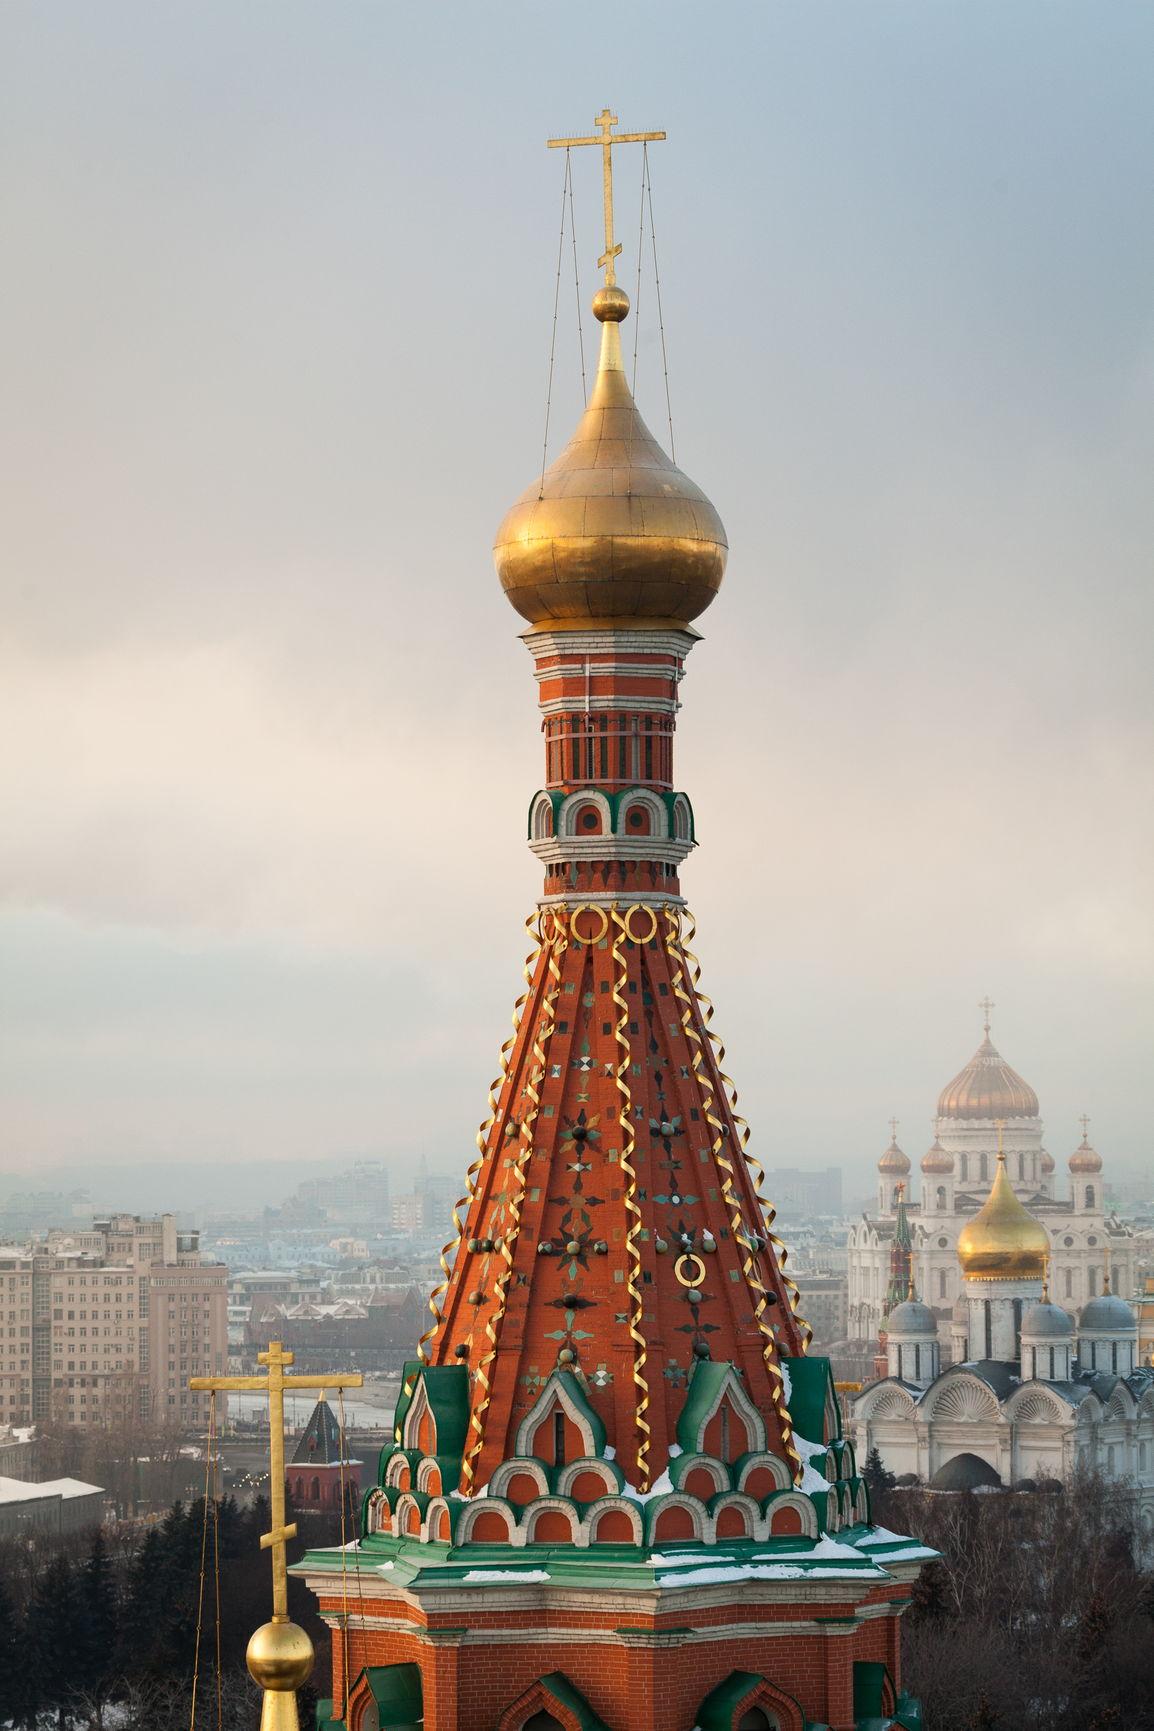 Шатровое завершение с главой центральной церкви Покровского собора